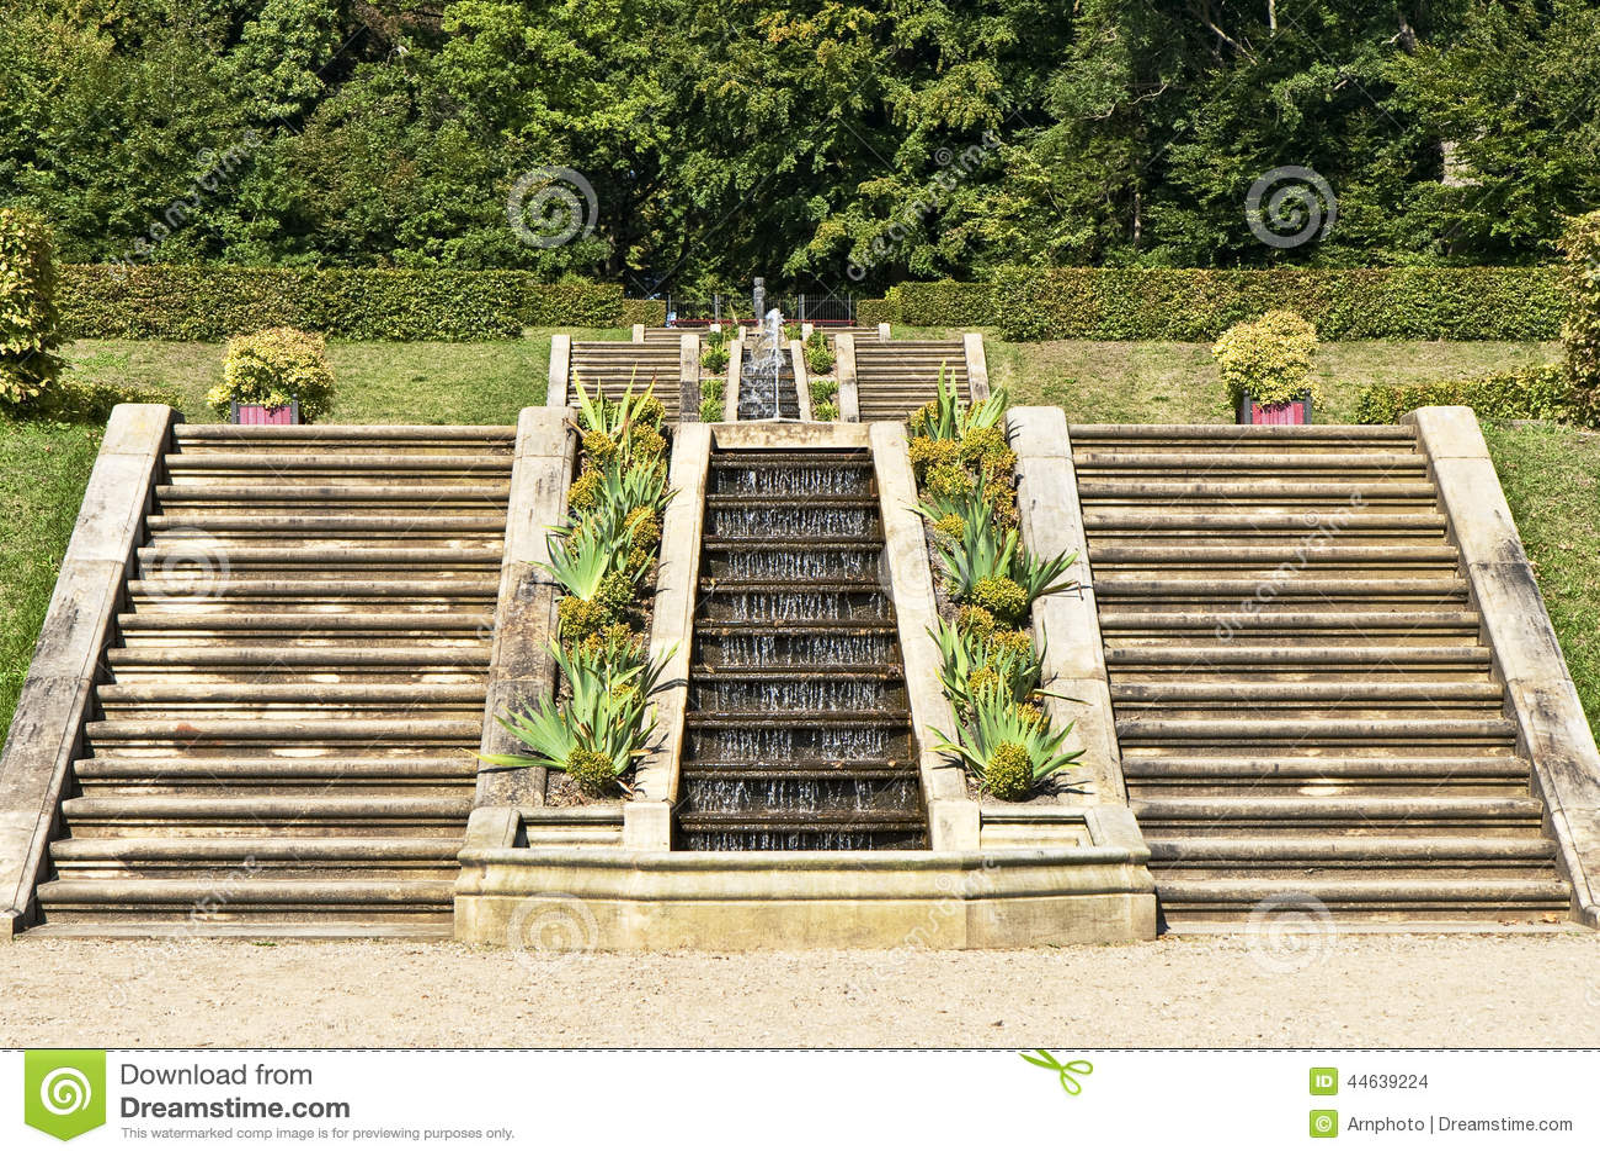 Escaleras en un jard n barroco foto de archivo imagen 44639224 - Escaleras jardin ...